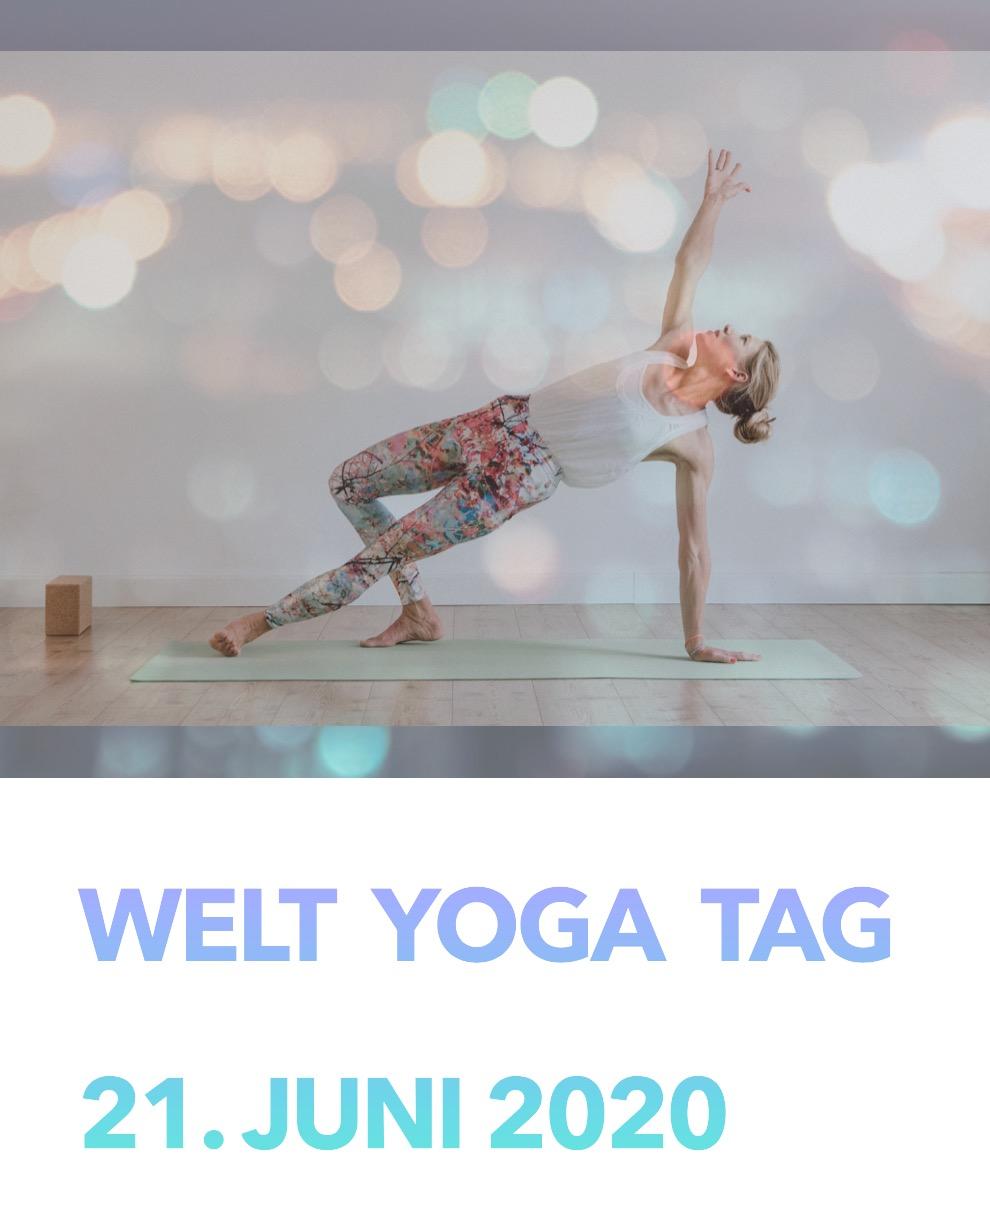 Ich wünsche euch einen wunderschönen Tag - Welt Yoga Tag 2020